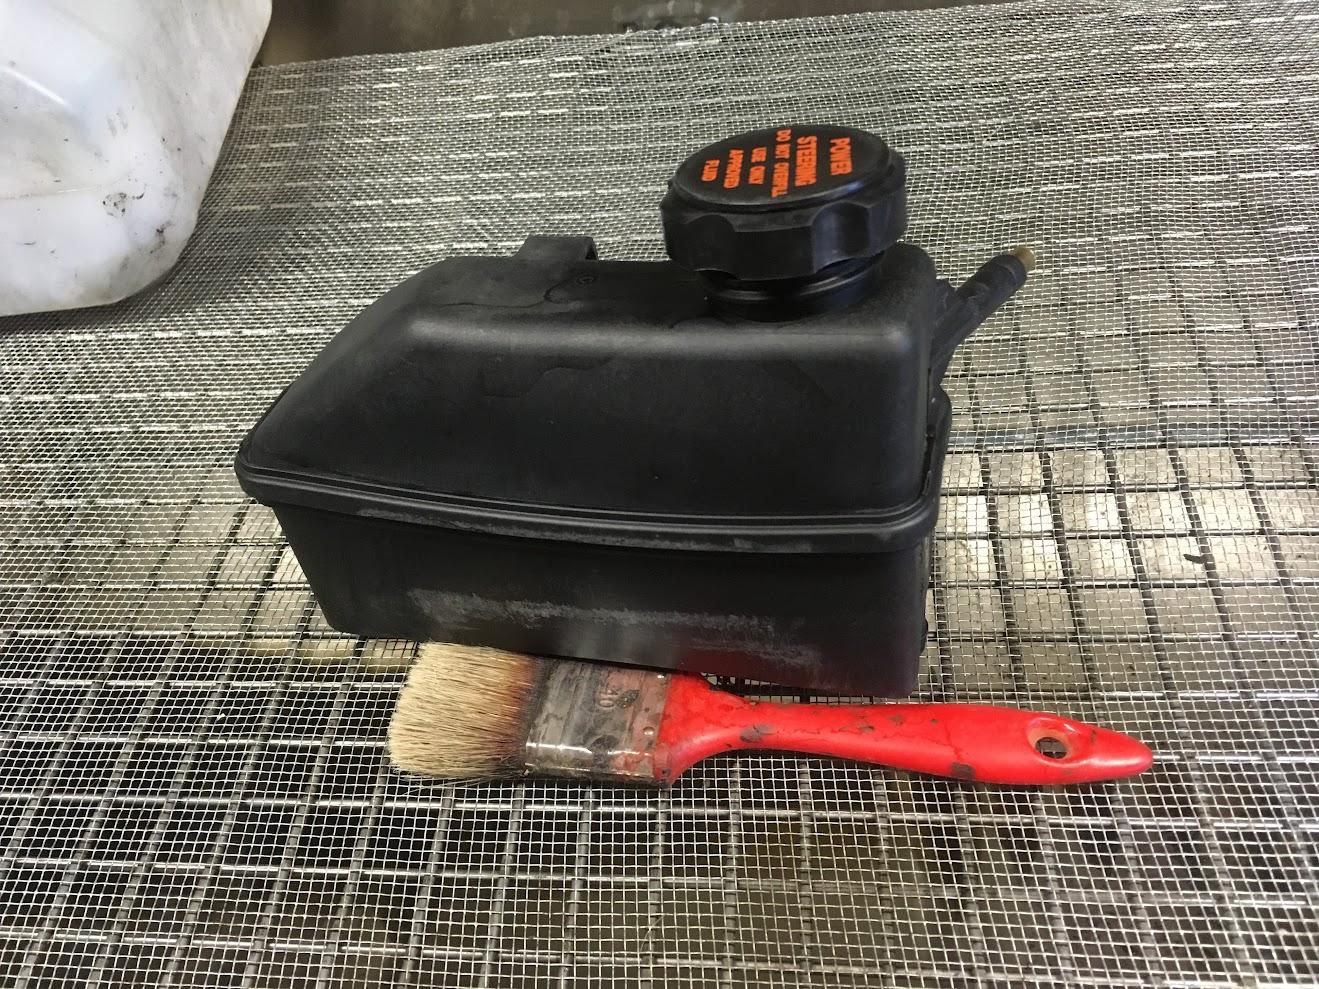 9e3e2aa866f Mootoriõli ka ära vahetama ning plaani peaks võtma hammasrihma vahetuse.